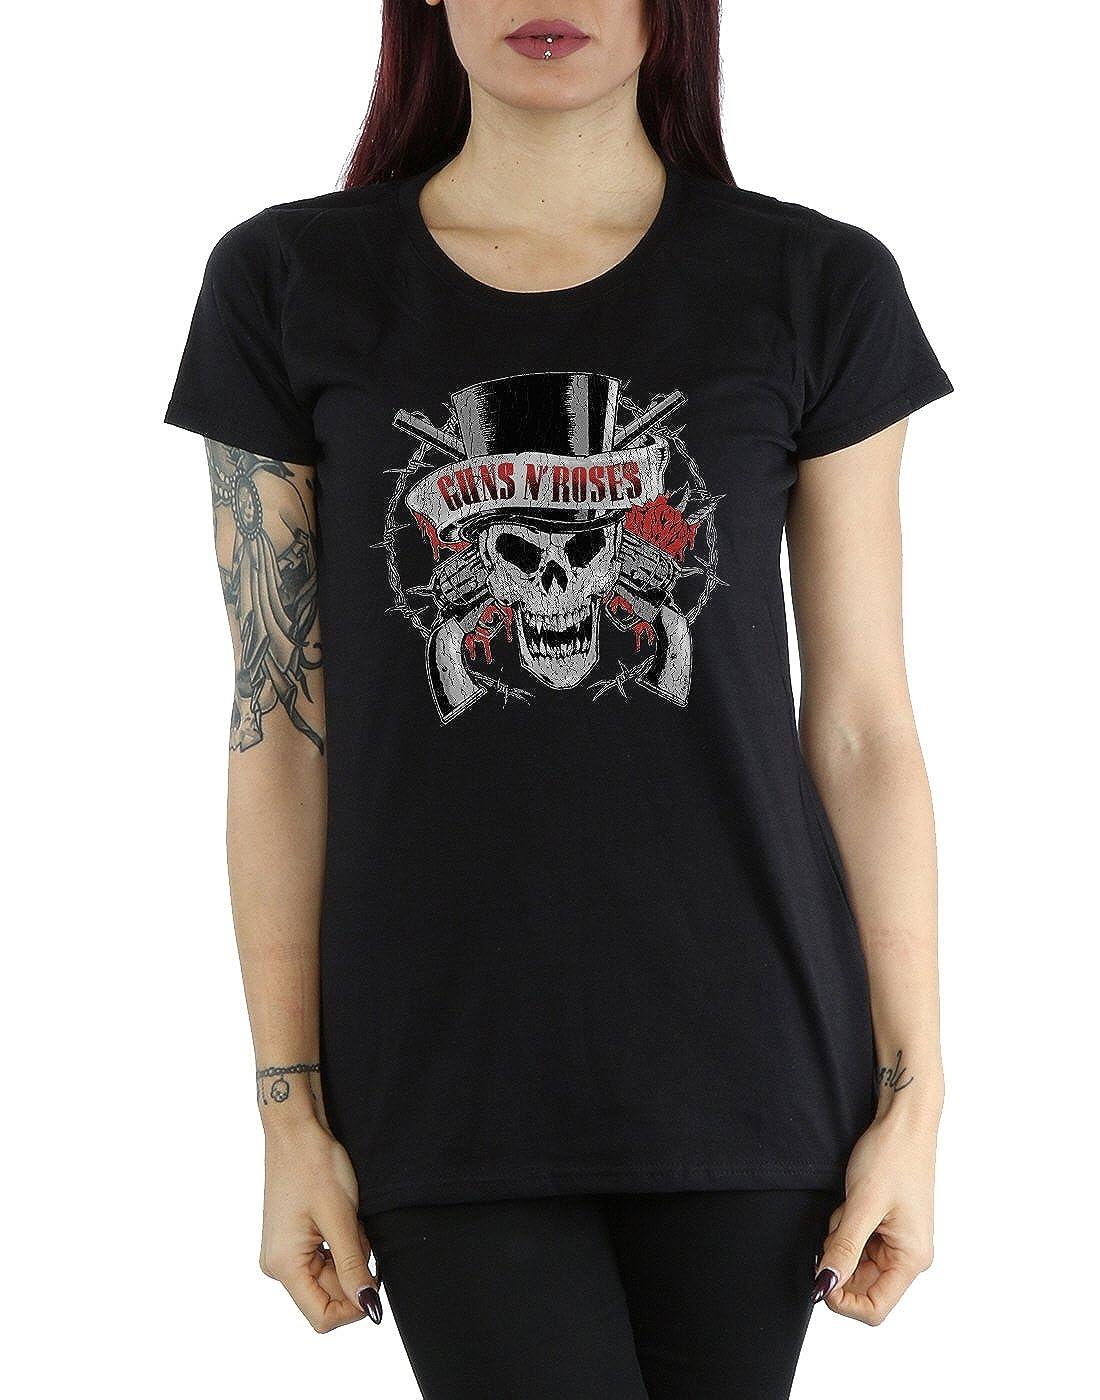 Roses Distressed N Guns Femme Cult Deaths Head T Shirt Absolute A5P5qwxtnd